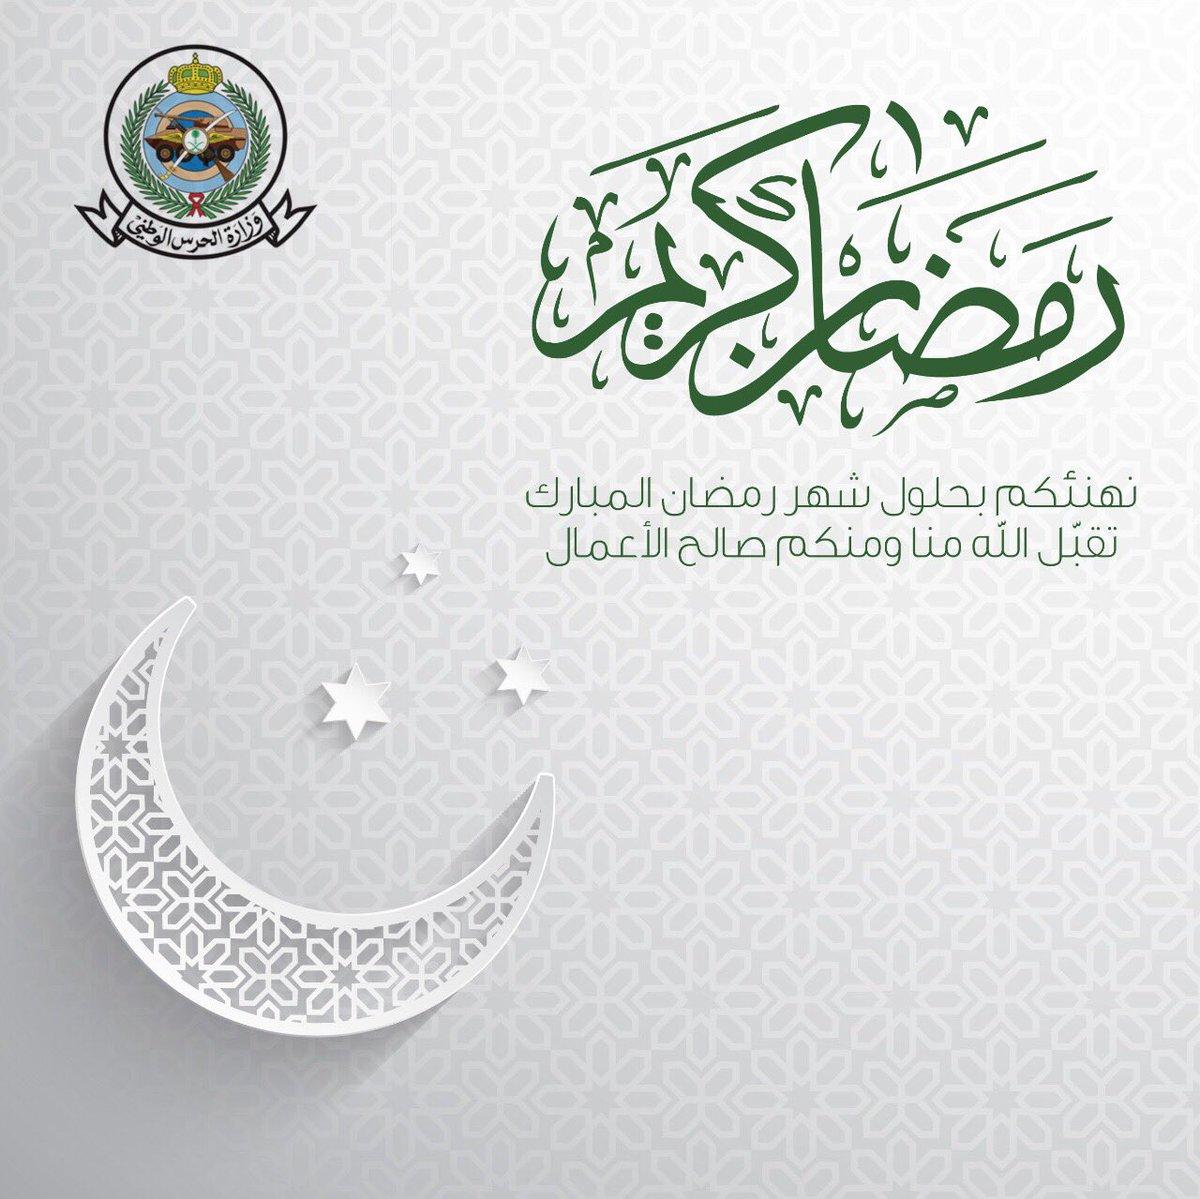 وزارة الحرس الوطني On Twitter نهنئ الجميع بحلول شهر رمضان المبارك